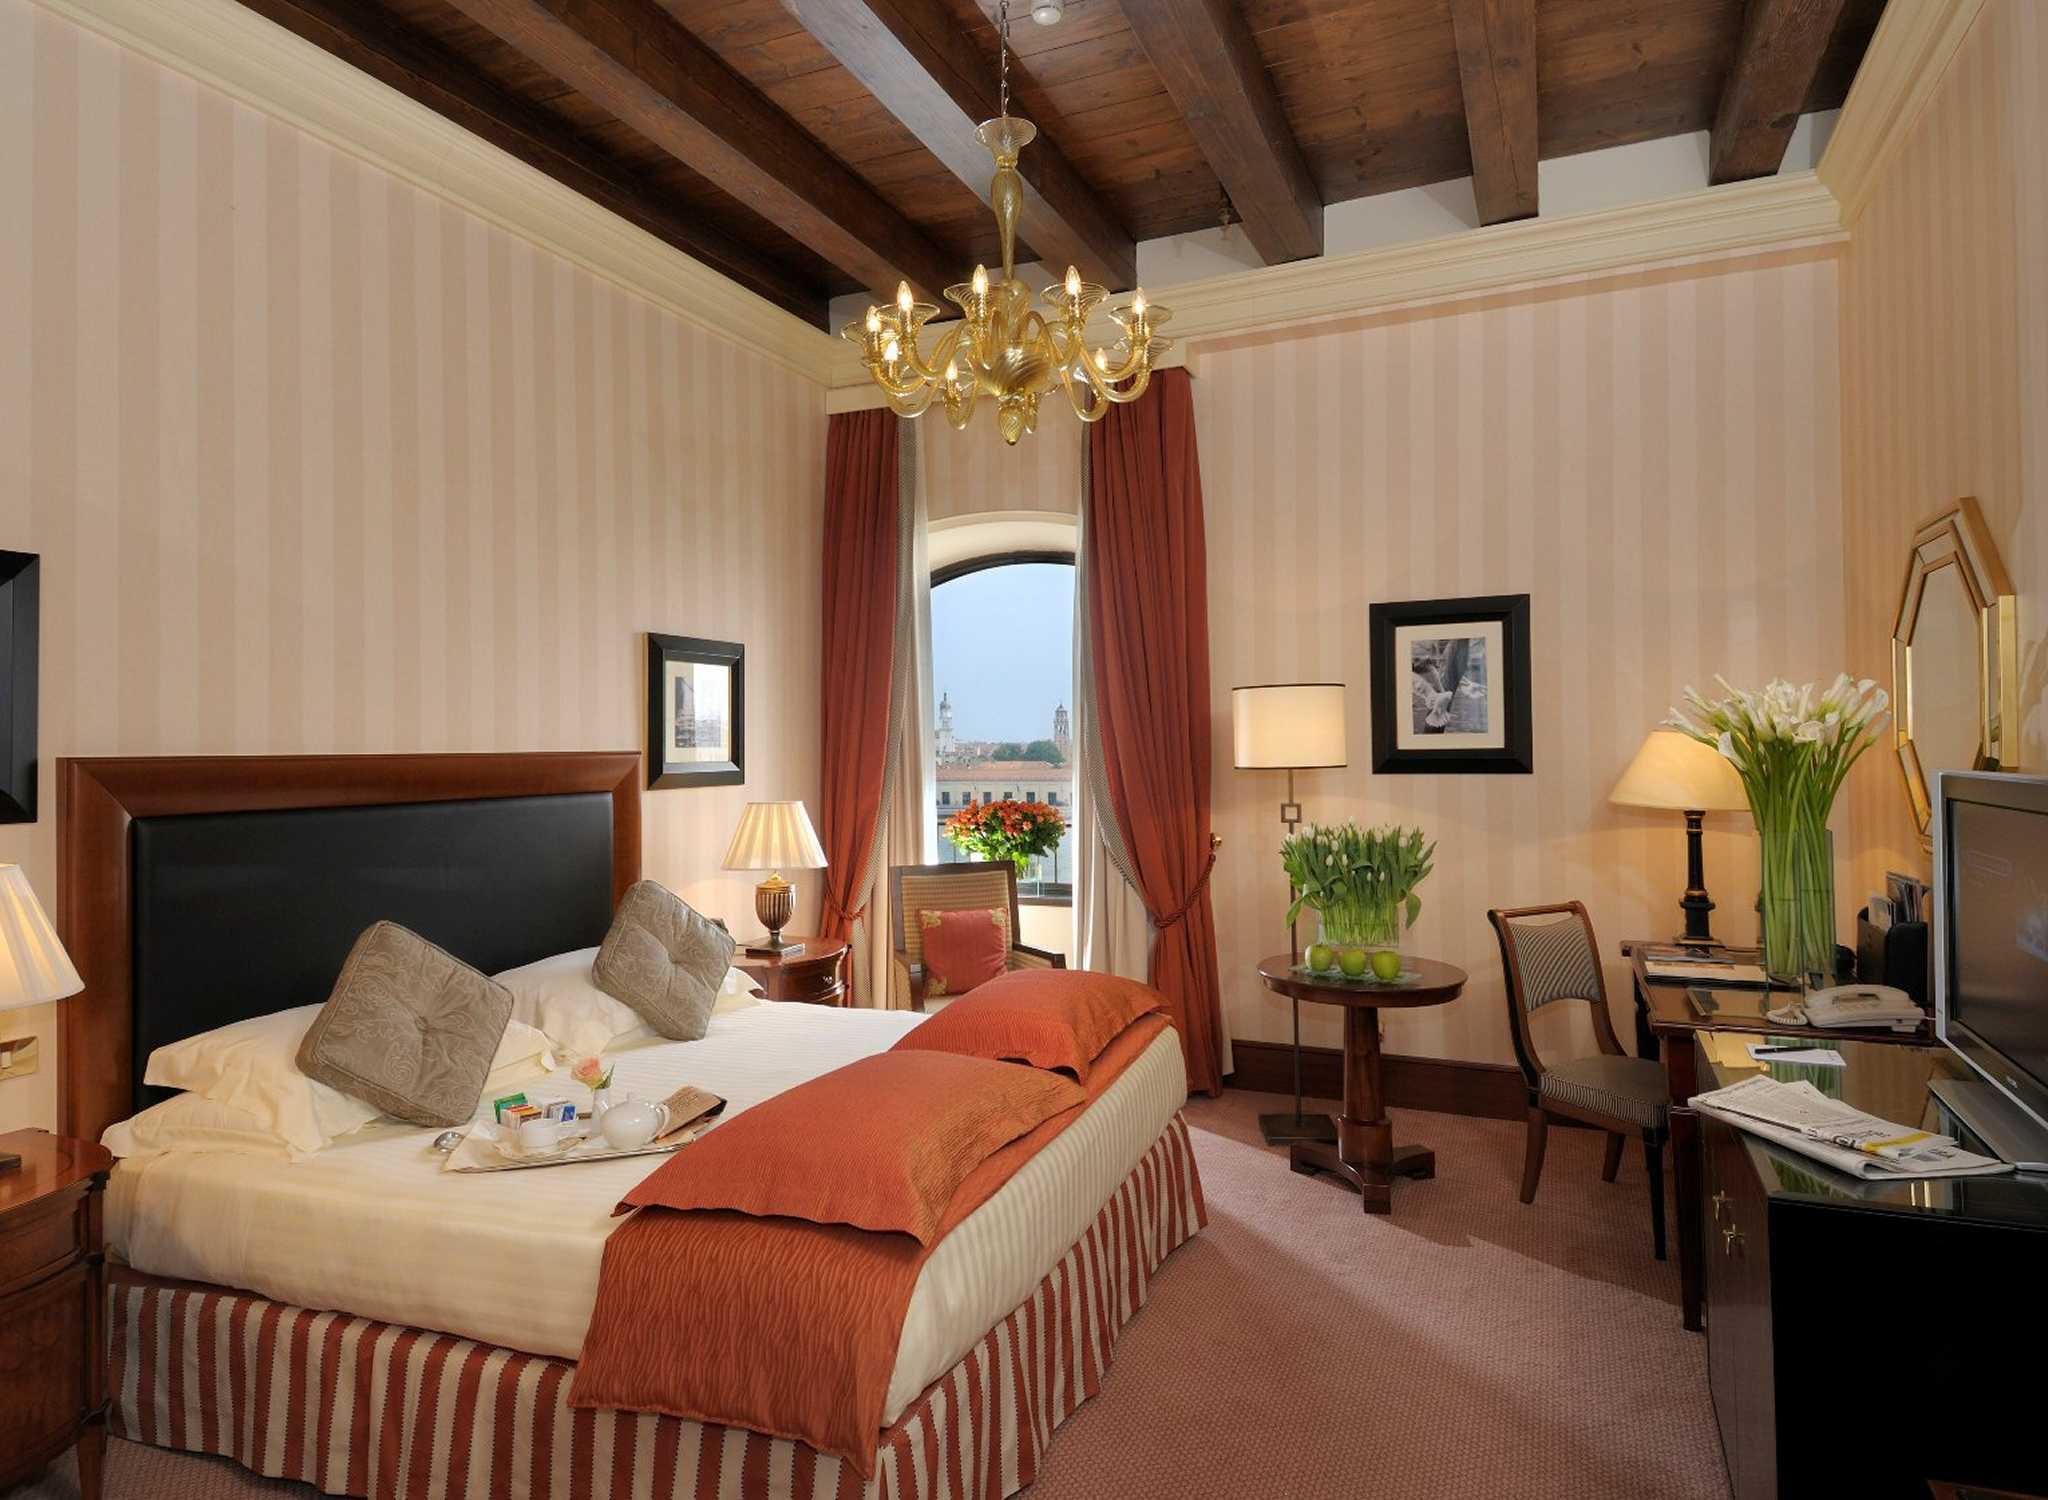 Biennale di venezia all 39 hilton molino stucky venice for Hilton hotel italia